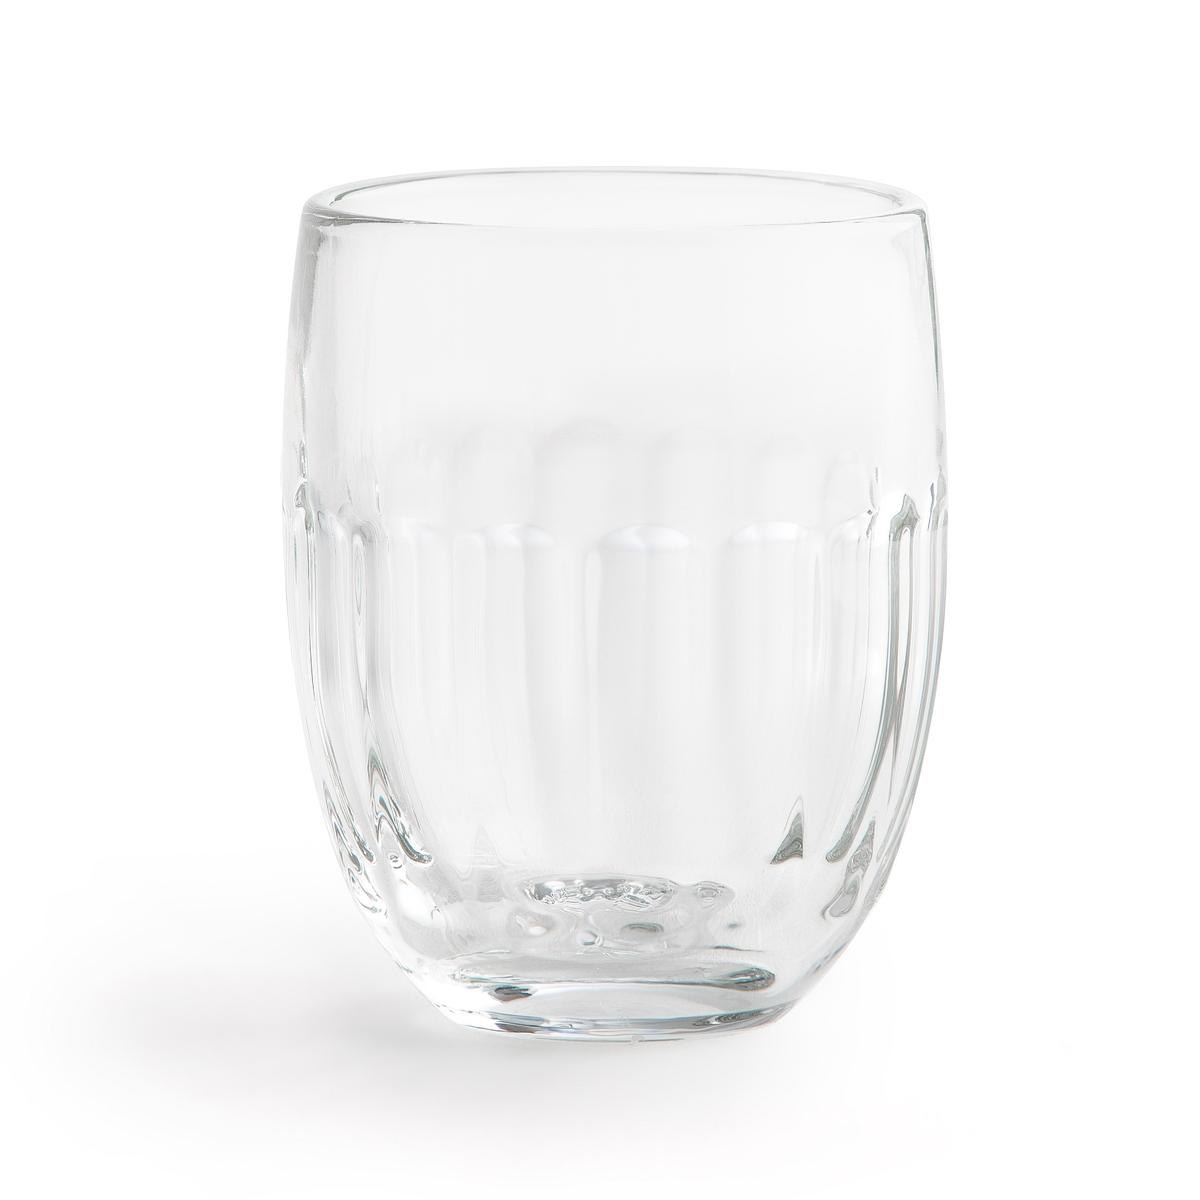 Комплект из стаканов из La Redoute Стекла Alchyse единый размер другие бокала la redoute для шампанского lurik единый размер другие